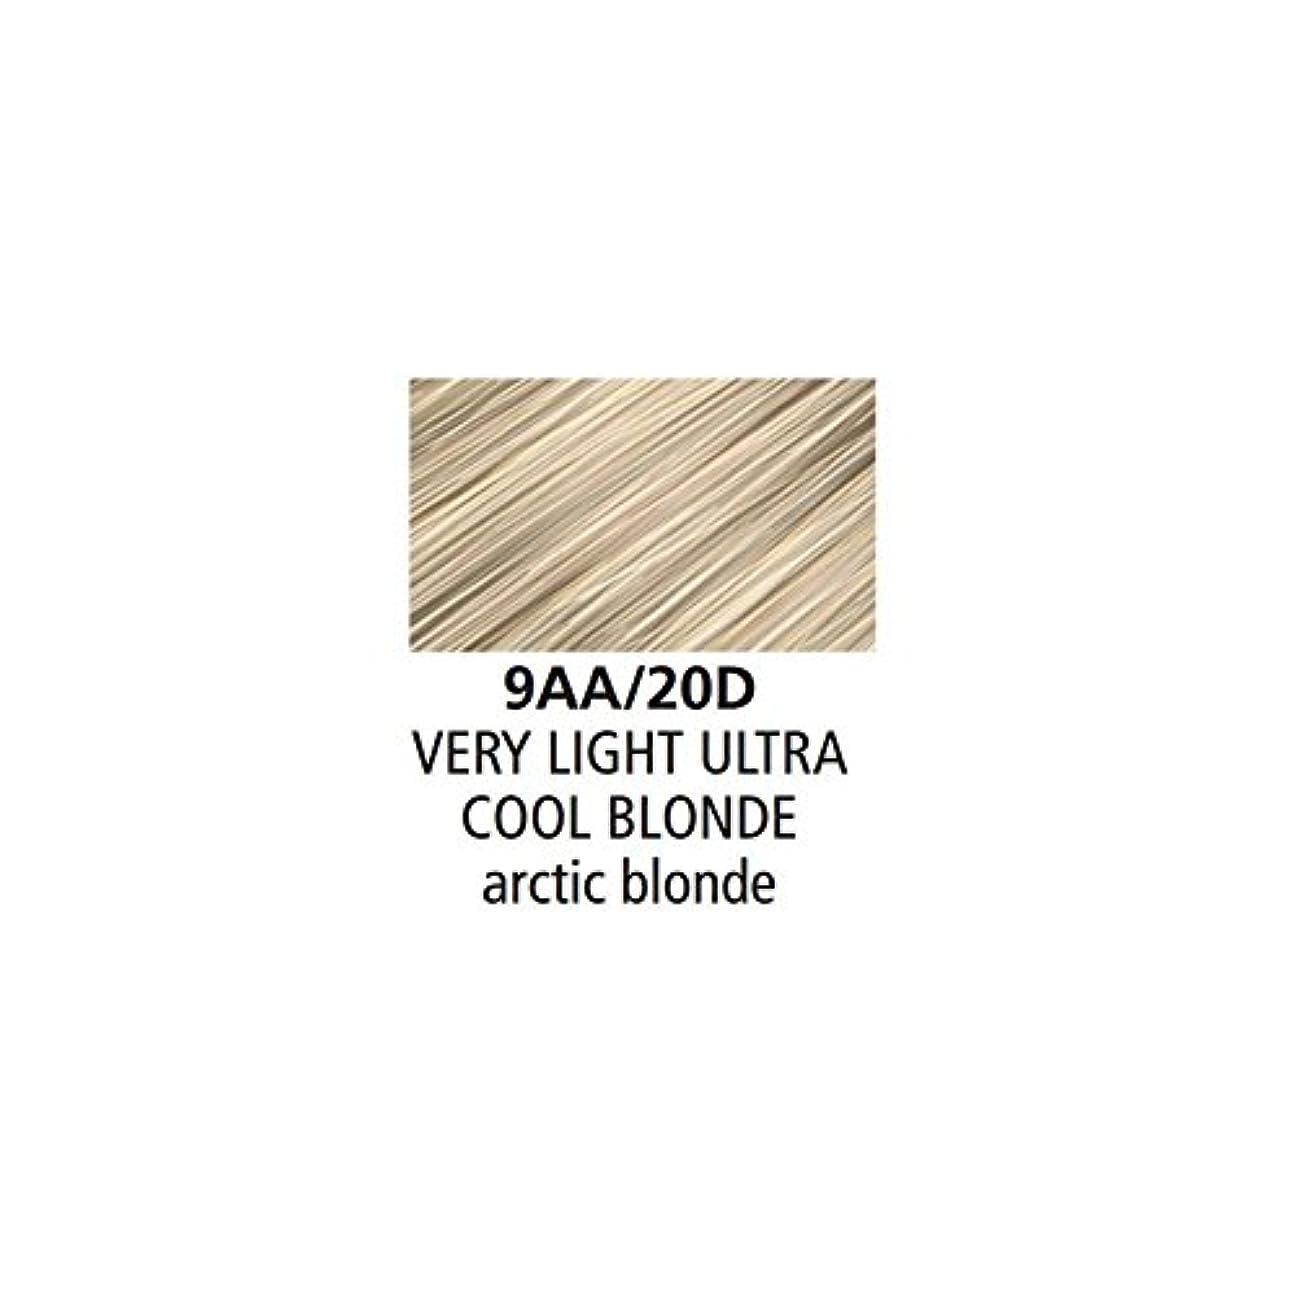 許可する助手一定Clairol Professional - SOY4PLEX - Liquicolor Permanente - Very Light Ultra Cool Blonde - 9AA/20D - 2 oz / 59 mL